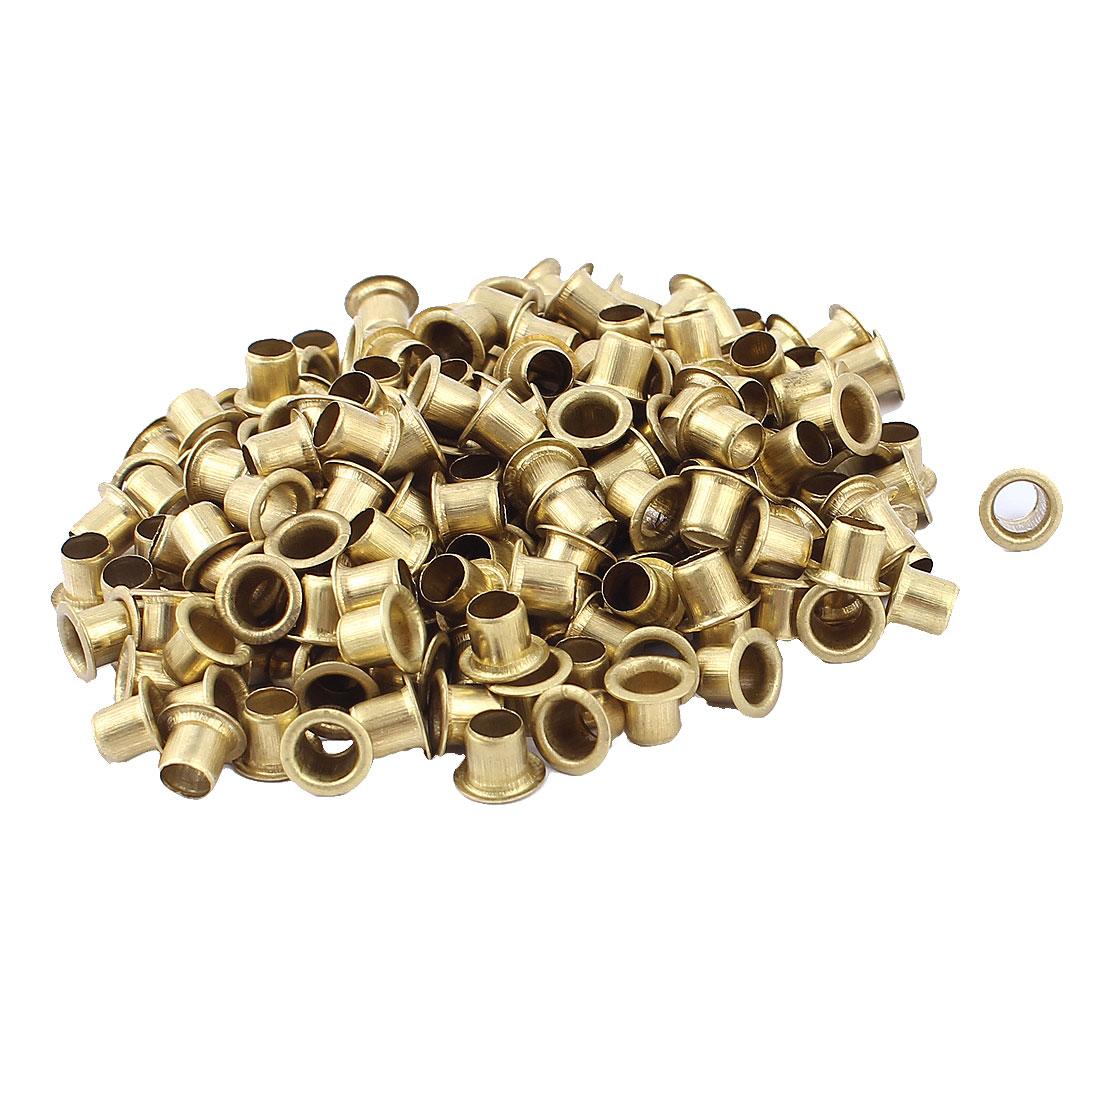 200pcs M6x6 Copper Via Vias Plated Through Hole Rivets Hollow Grommets PCB Circuit Board